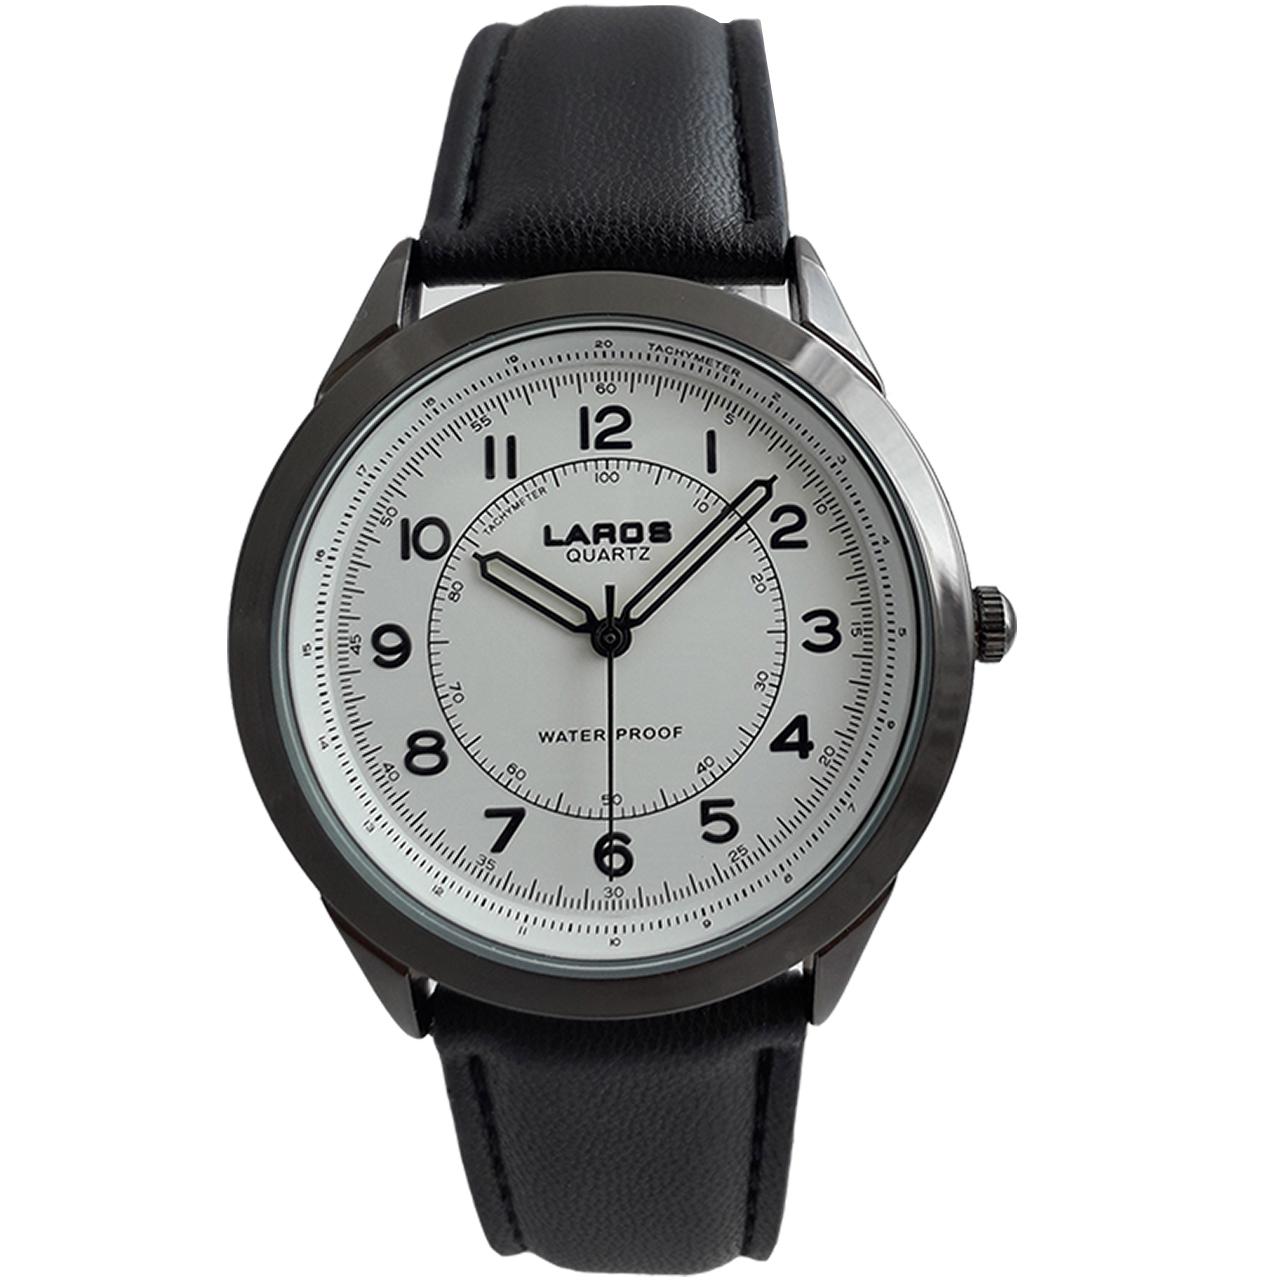 ساعت مچی عقربهای مردانه لاروس مدل 80047Sبه همراه جاسوئیچی با طرح آچار فرانسه مدل JK108